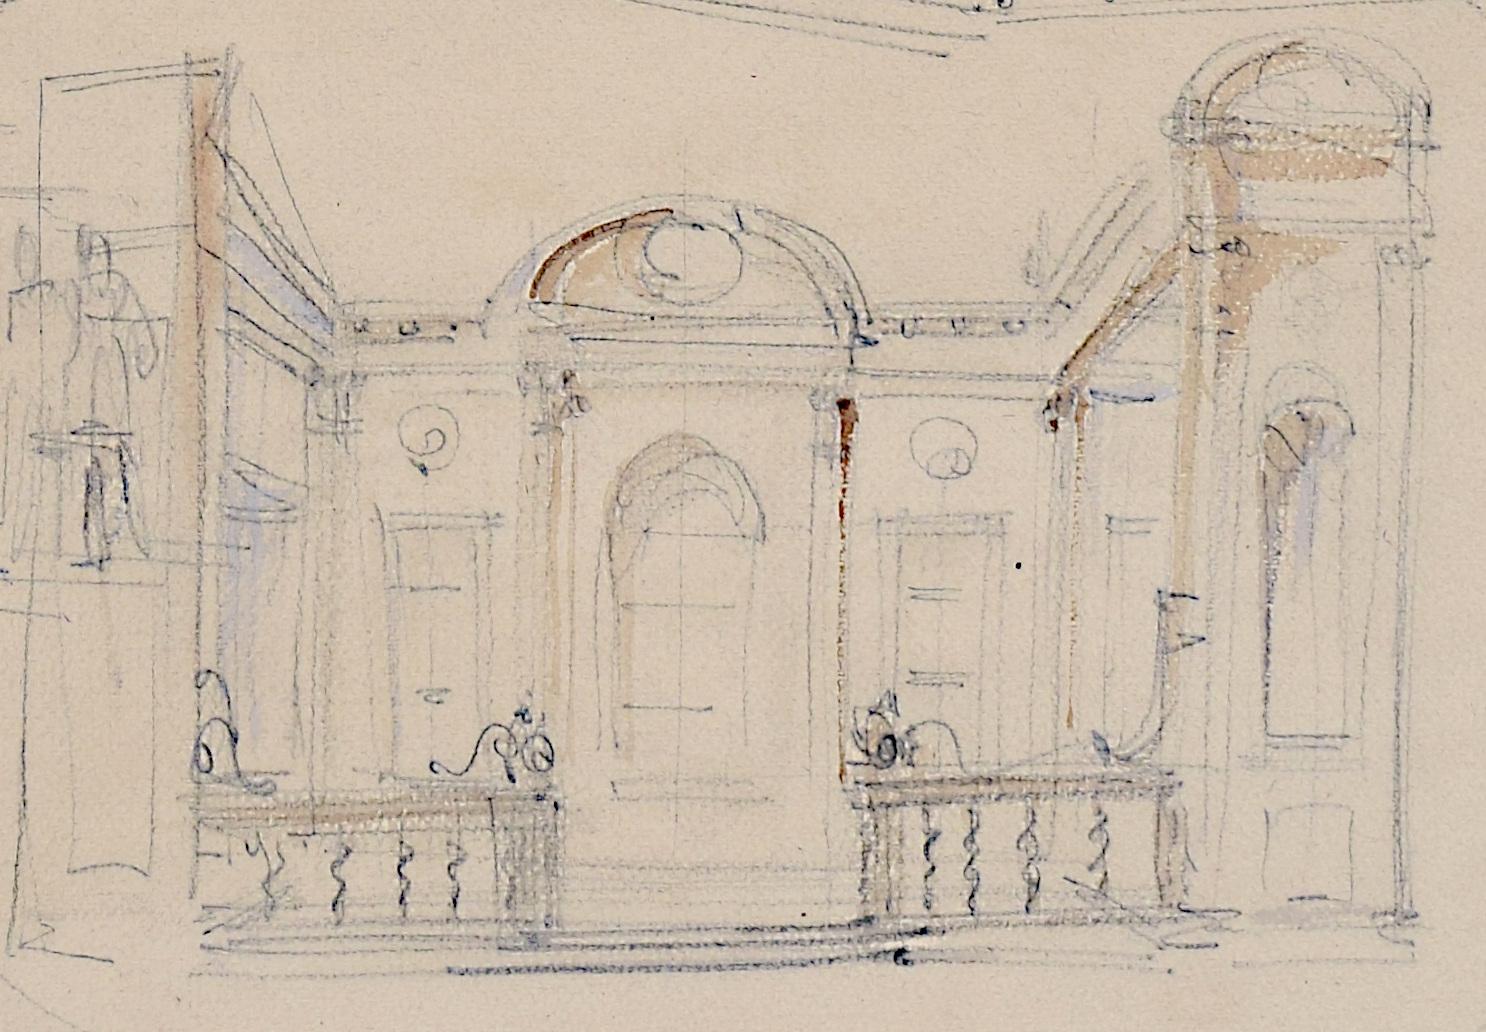 Louis Osman FRIBA Thomas Lumley Castle architectural sketches c. 1960s